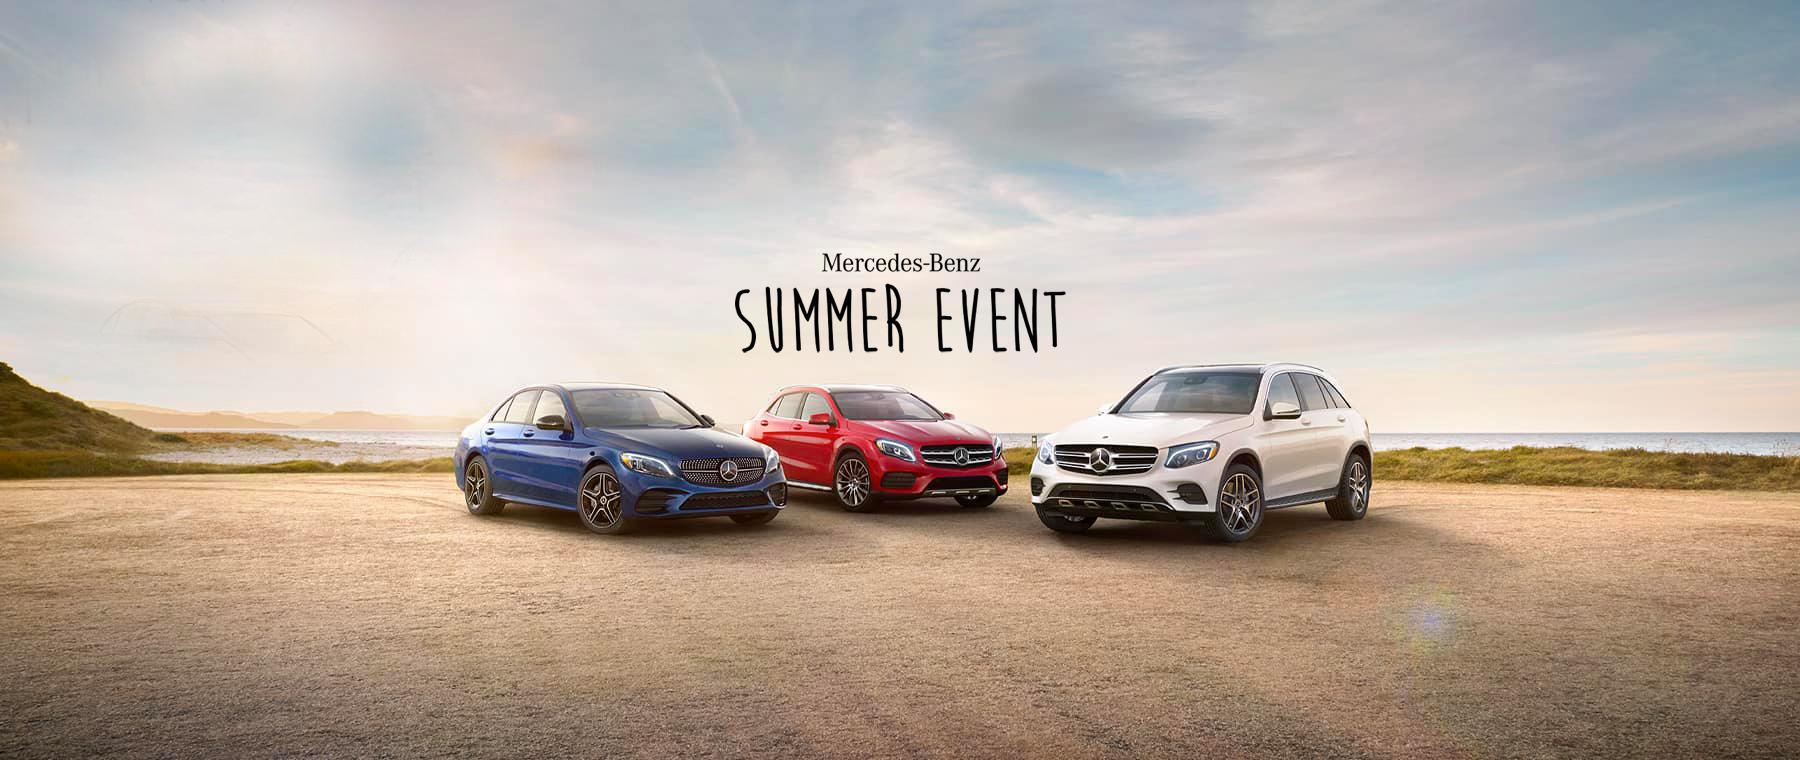 Mercedes-Benz of Escondido | Mercedes-Benz Sales in Escondido, CA